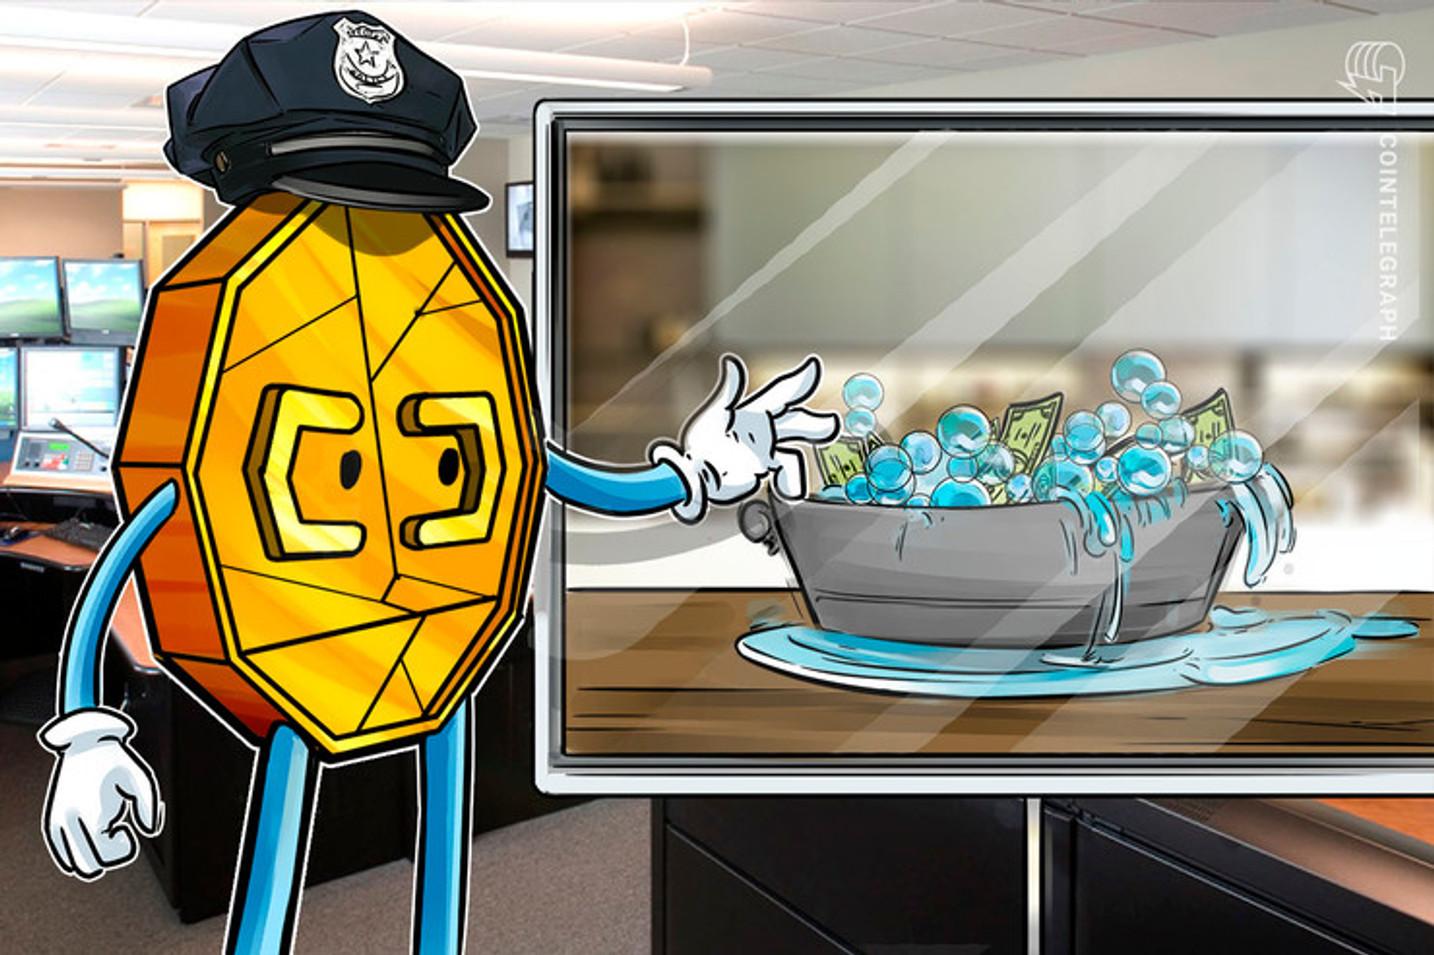 Grupo Bitcoin Banco pode ser incluído na CPI das criptomoedas, revela Deputado